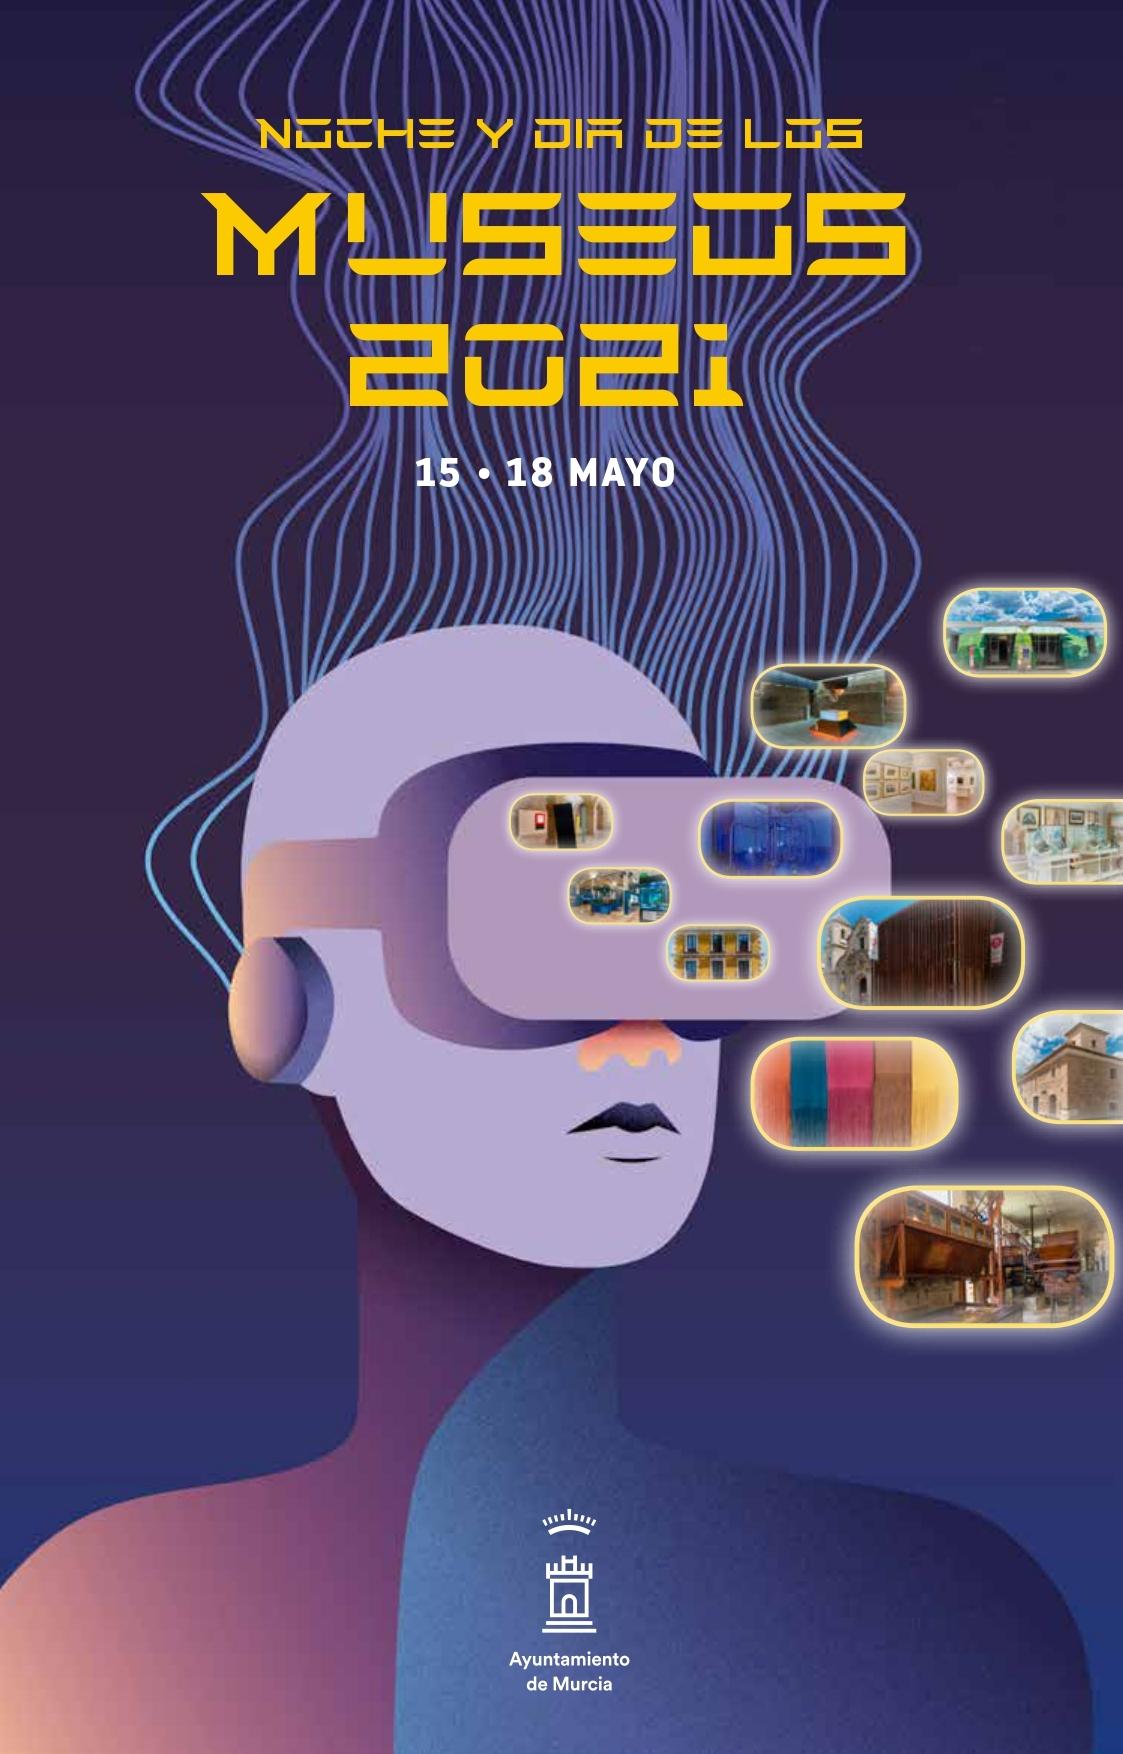 Portada Noche y Día de los Museos 2021 - Murcia